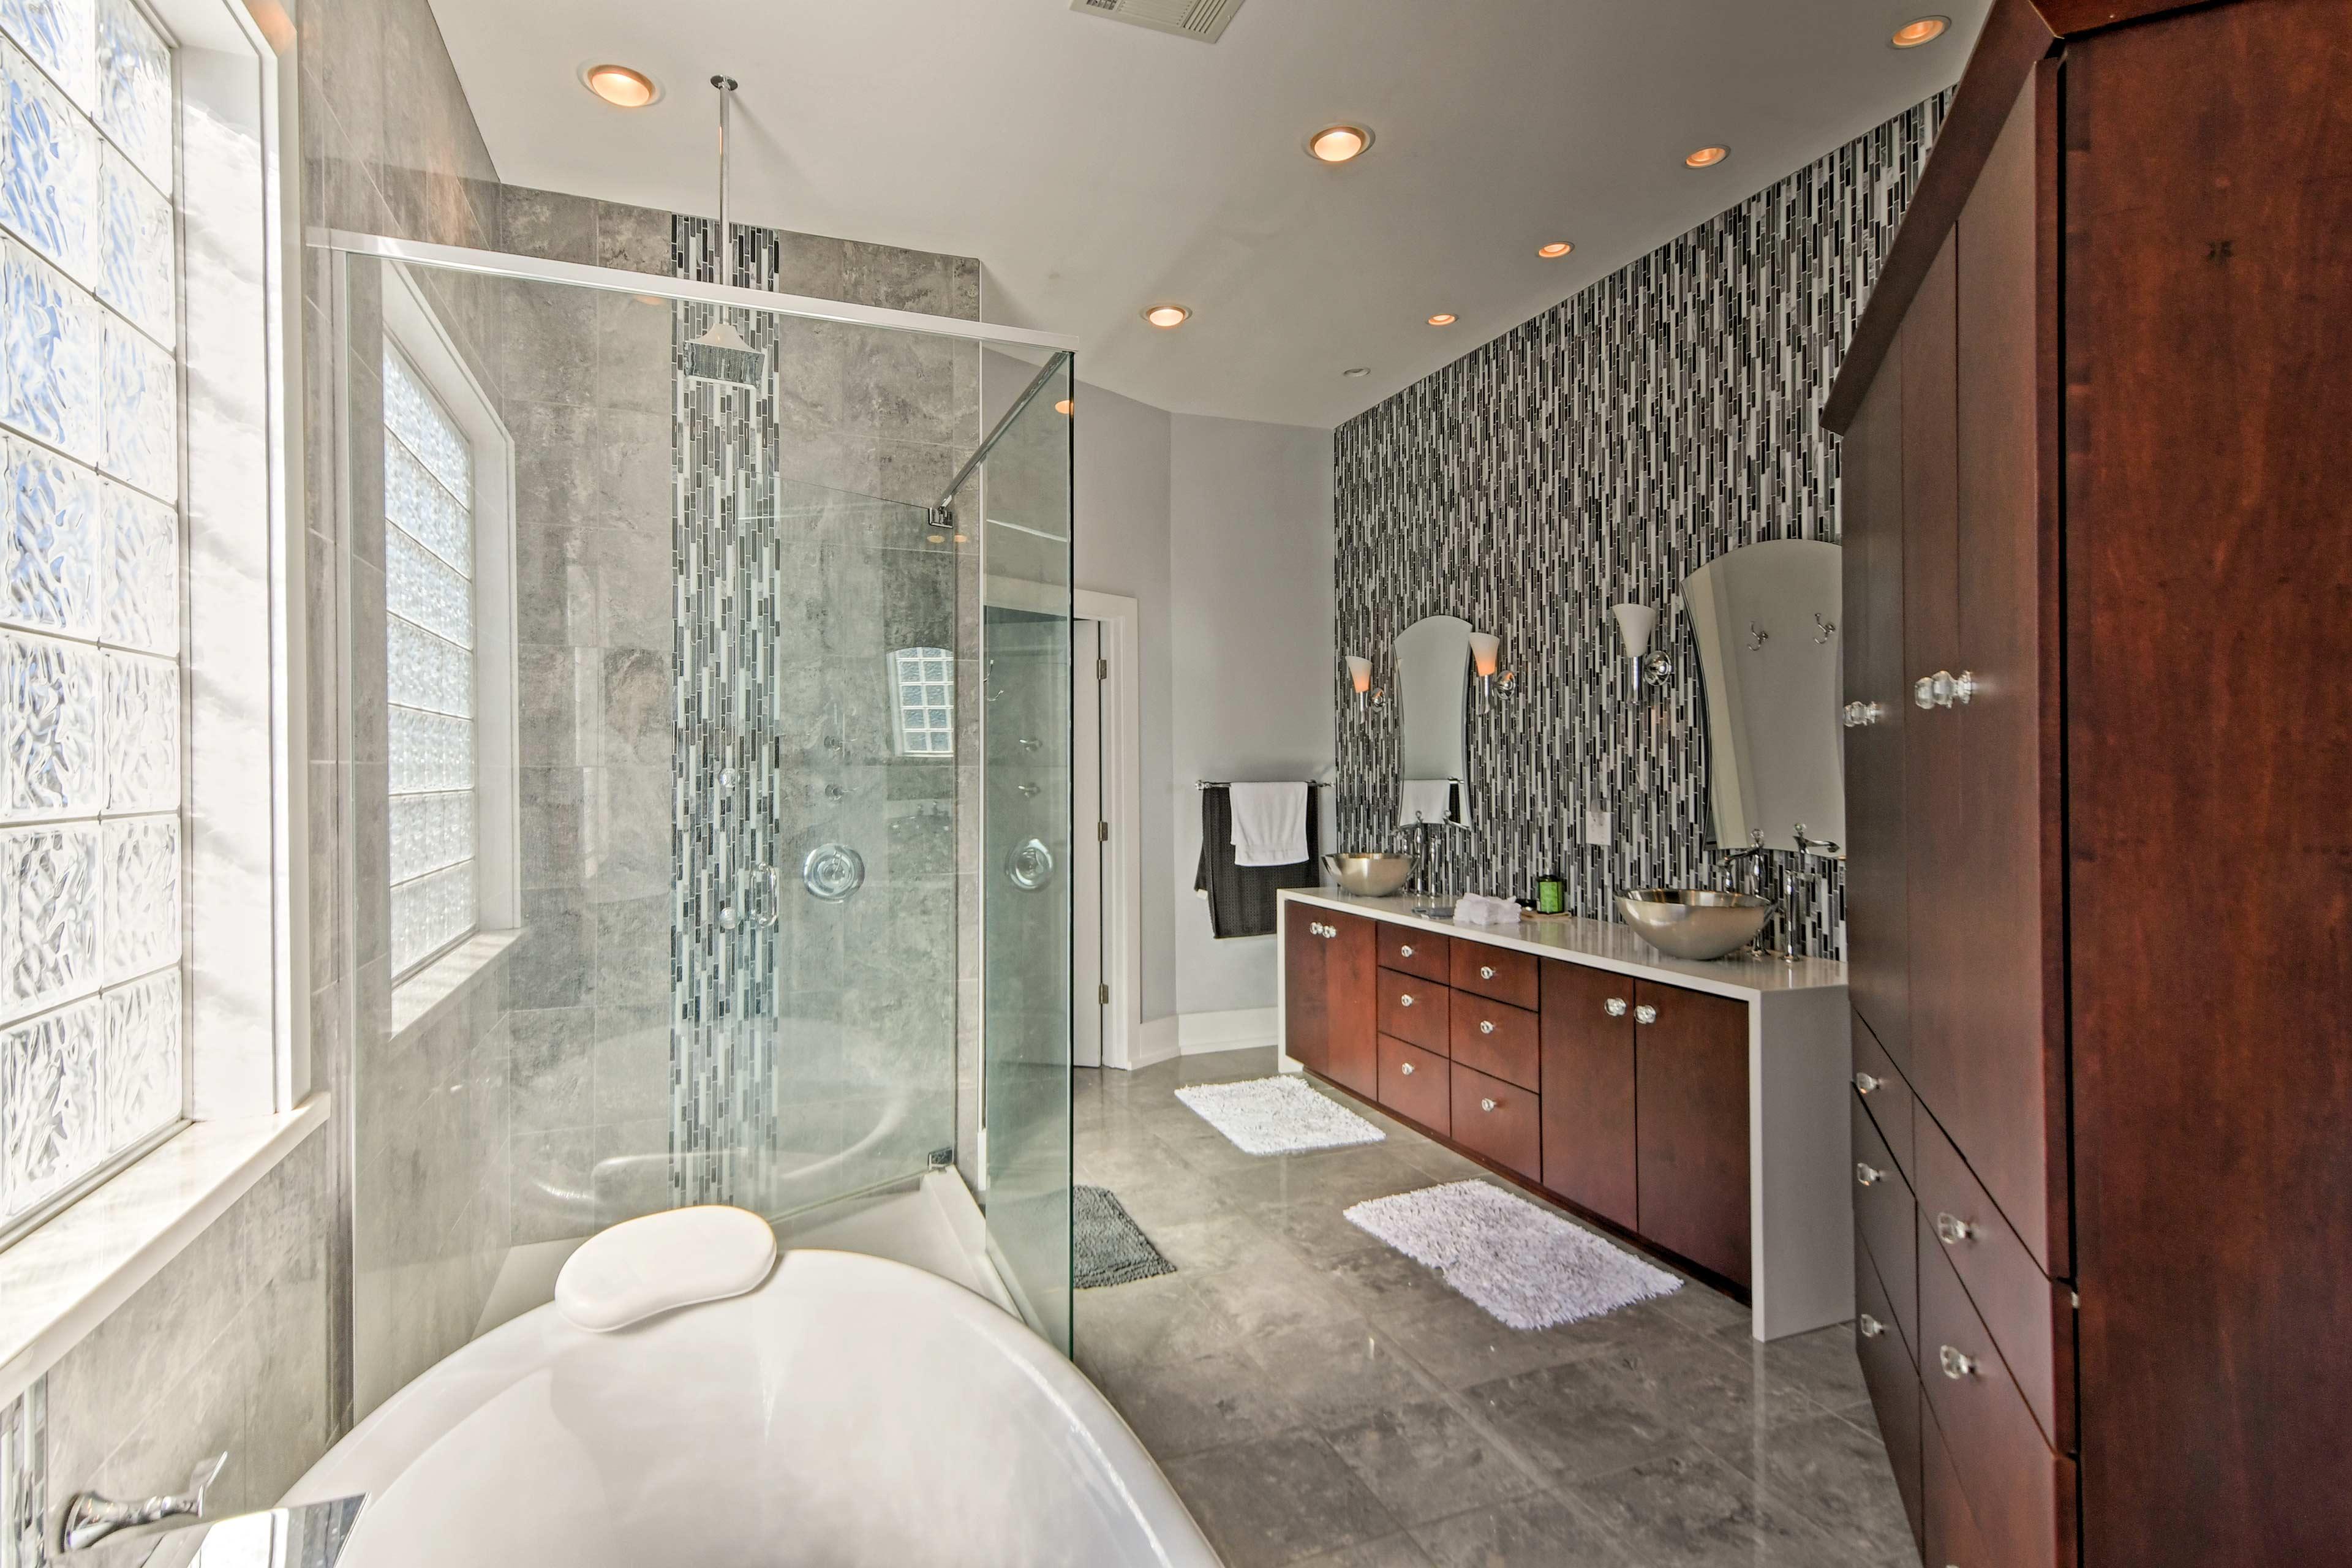 Wash off in the pristine master bathroom.